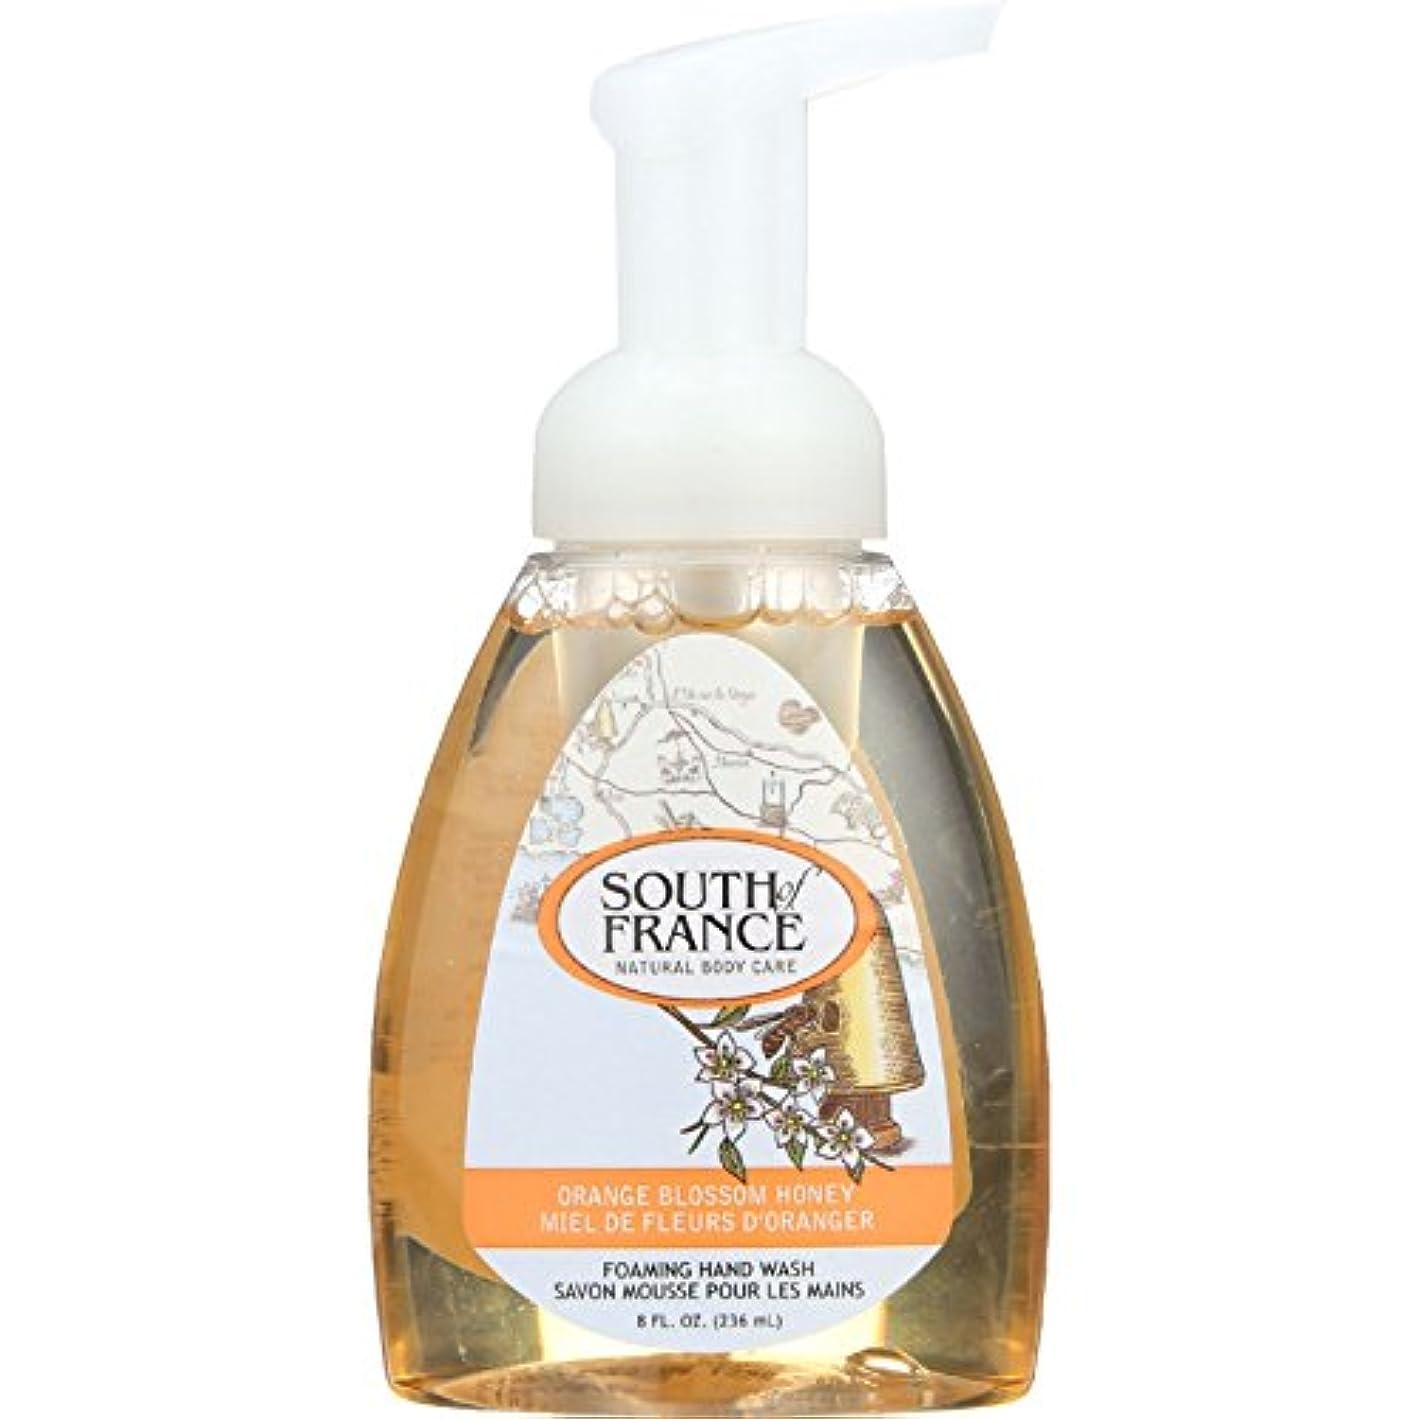 非常に怒っています談話消毒するHand Soap - Foaming - Orange Blossom Honey - 8 oz - 1 each by South Of France